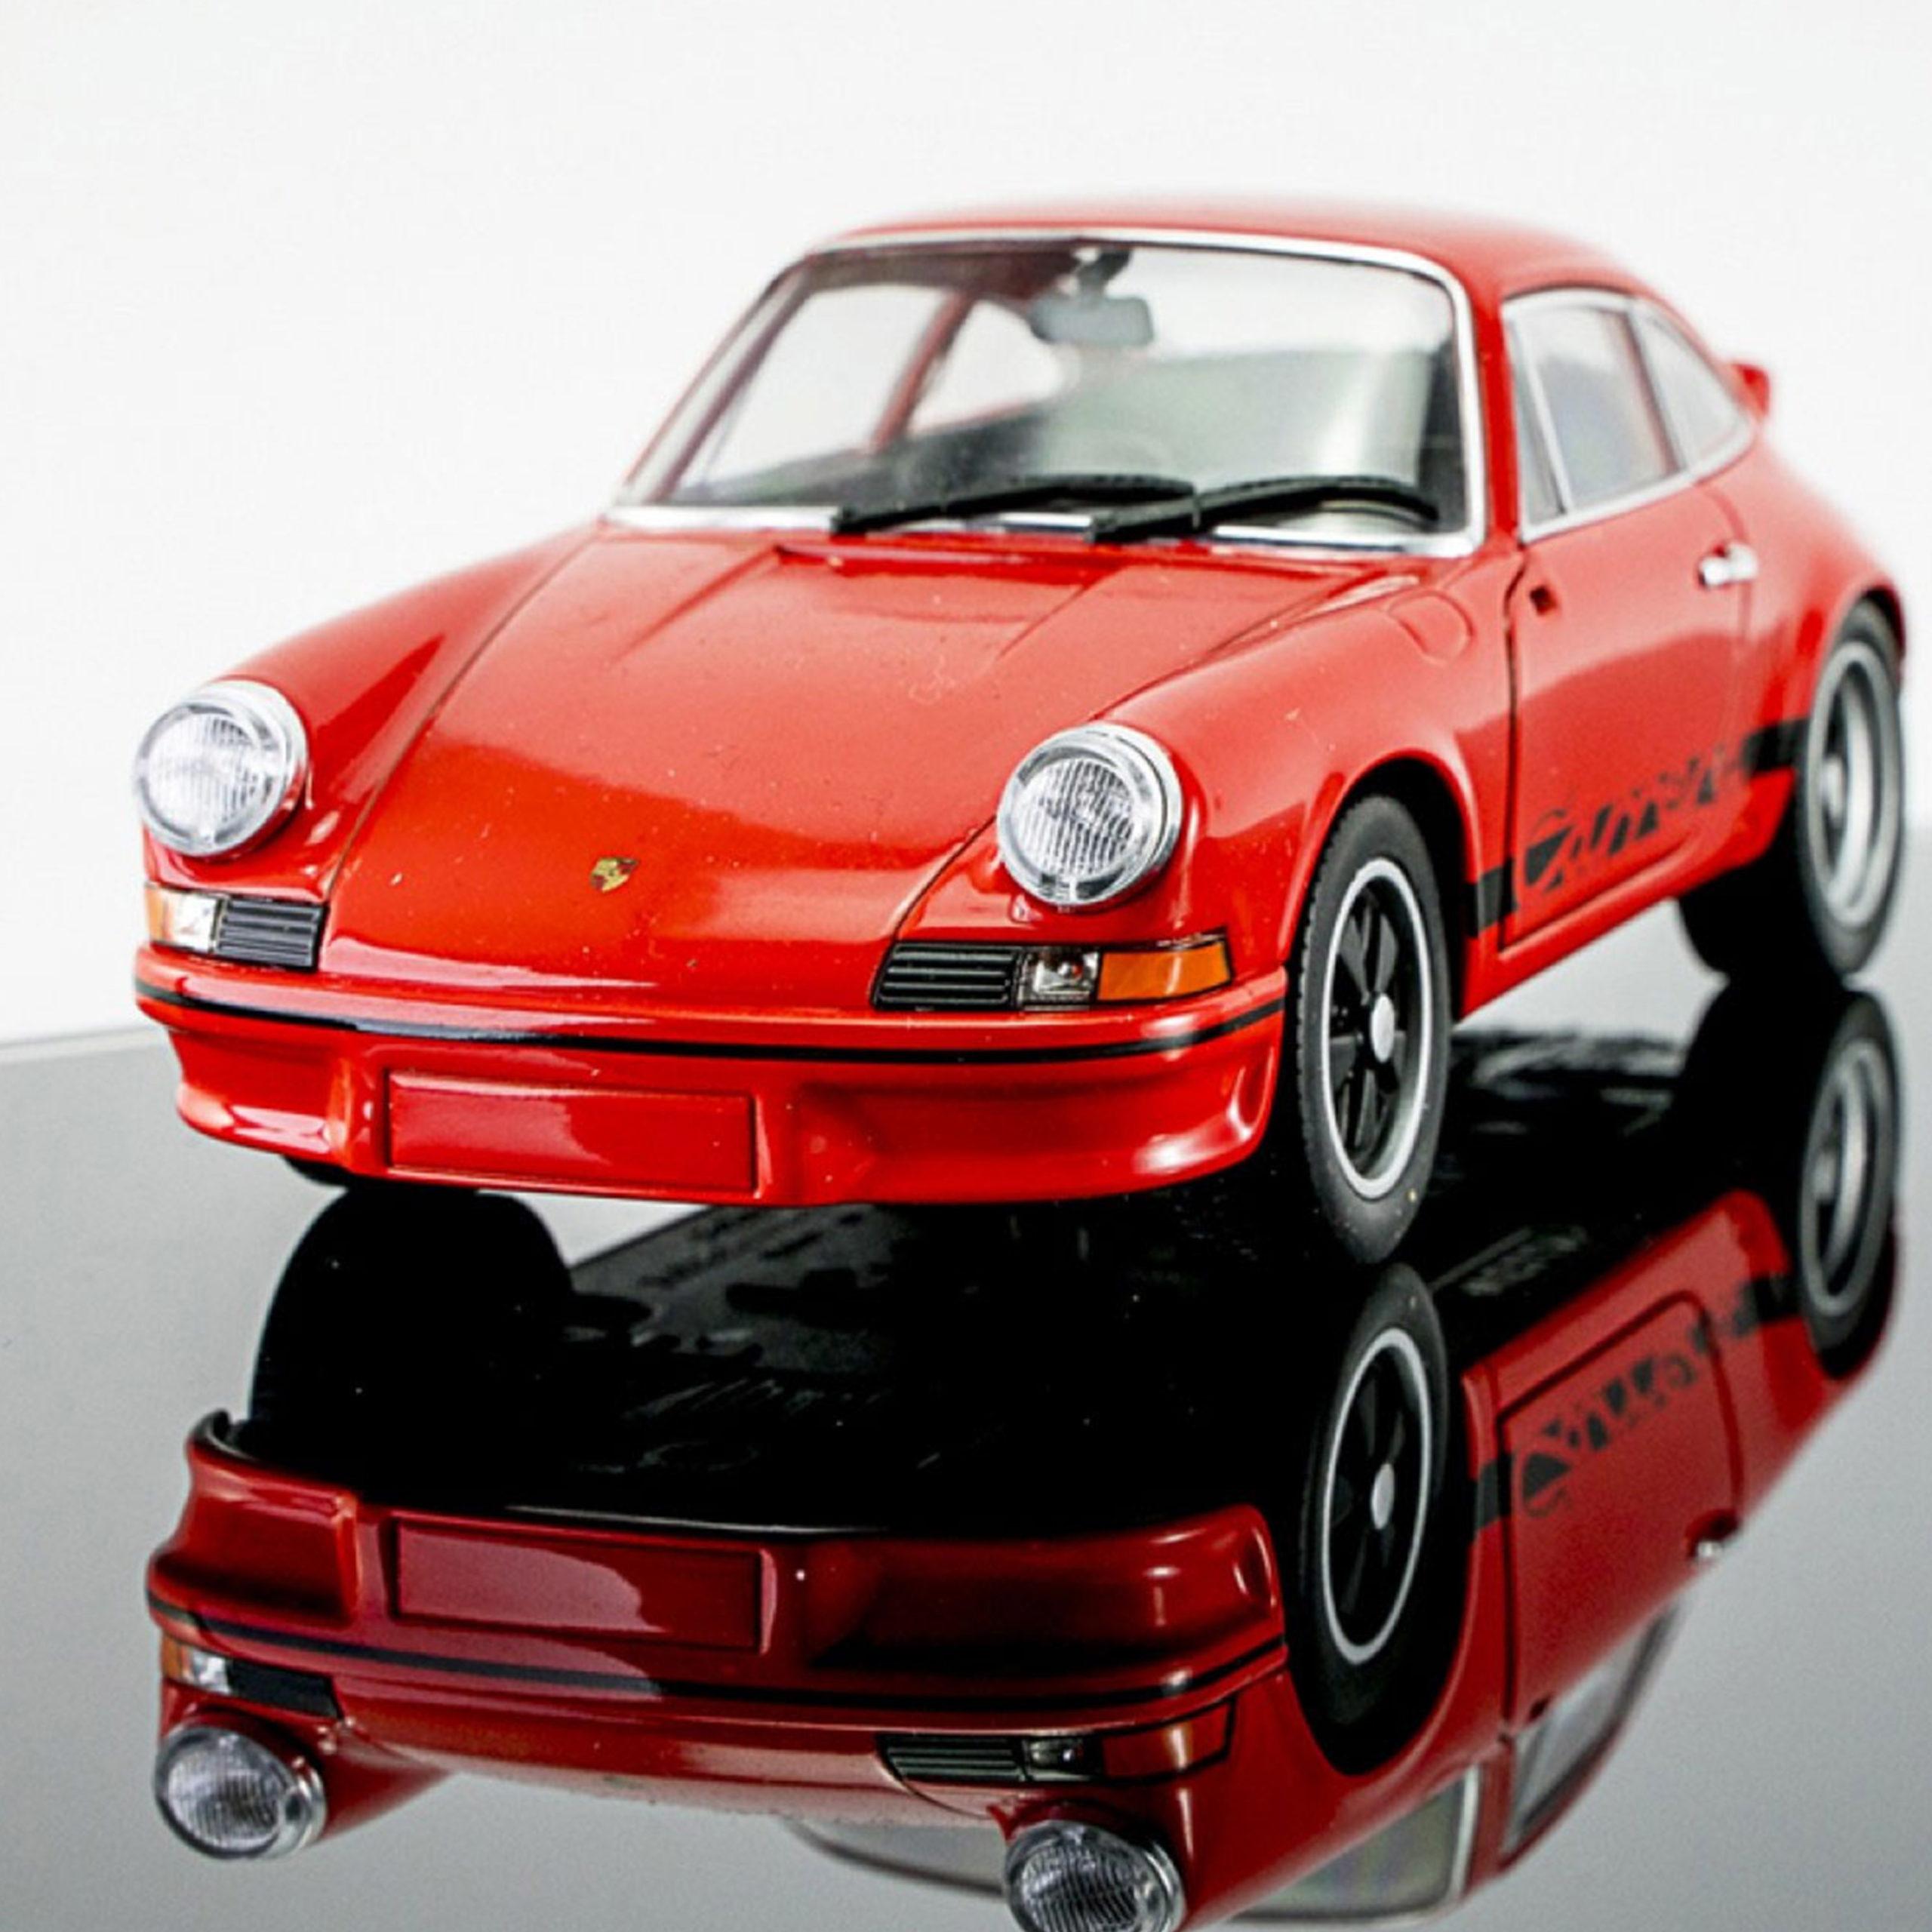 Porsche-911-Carrera-RS-model-from-advent-calendar